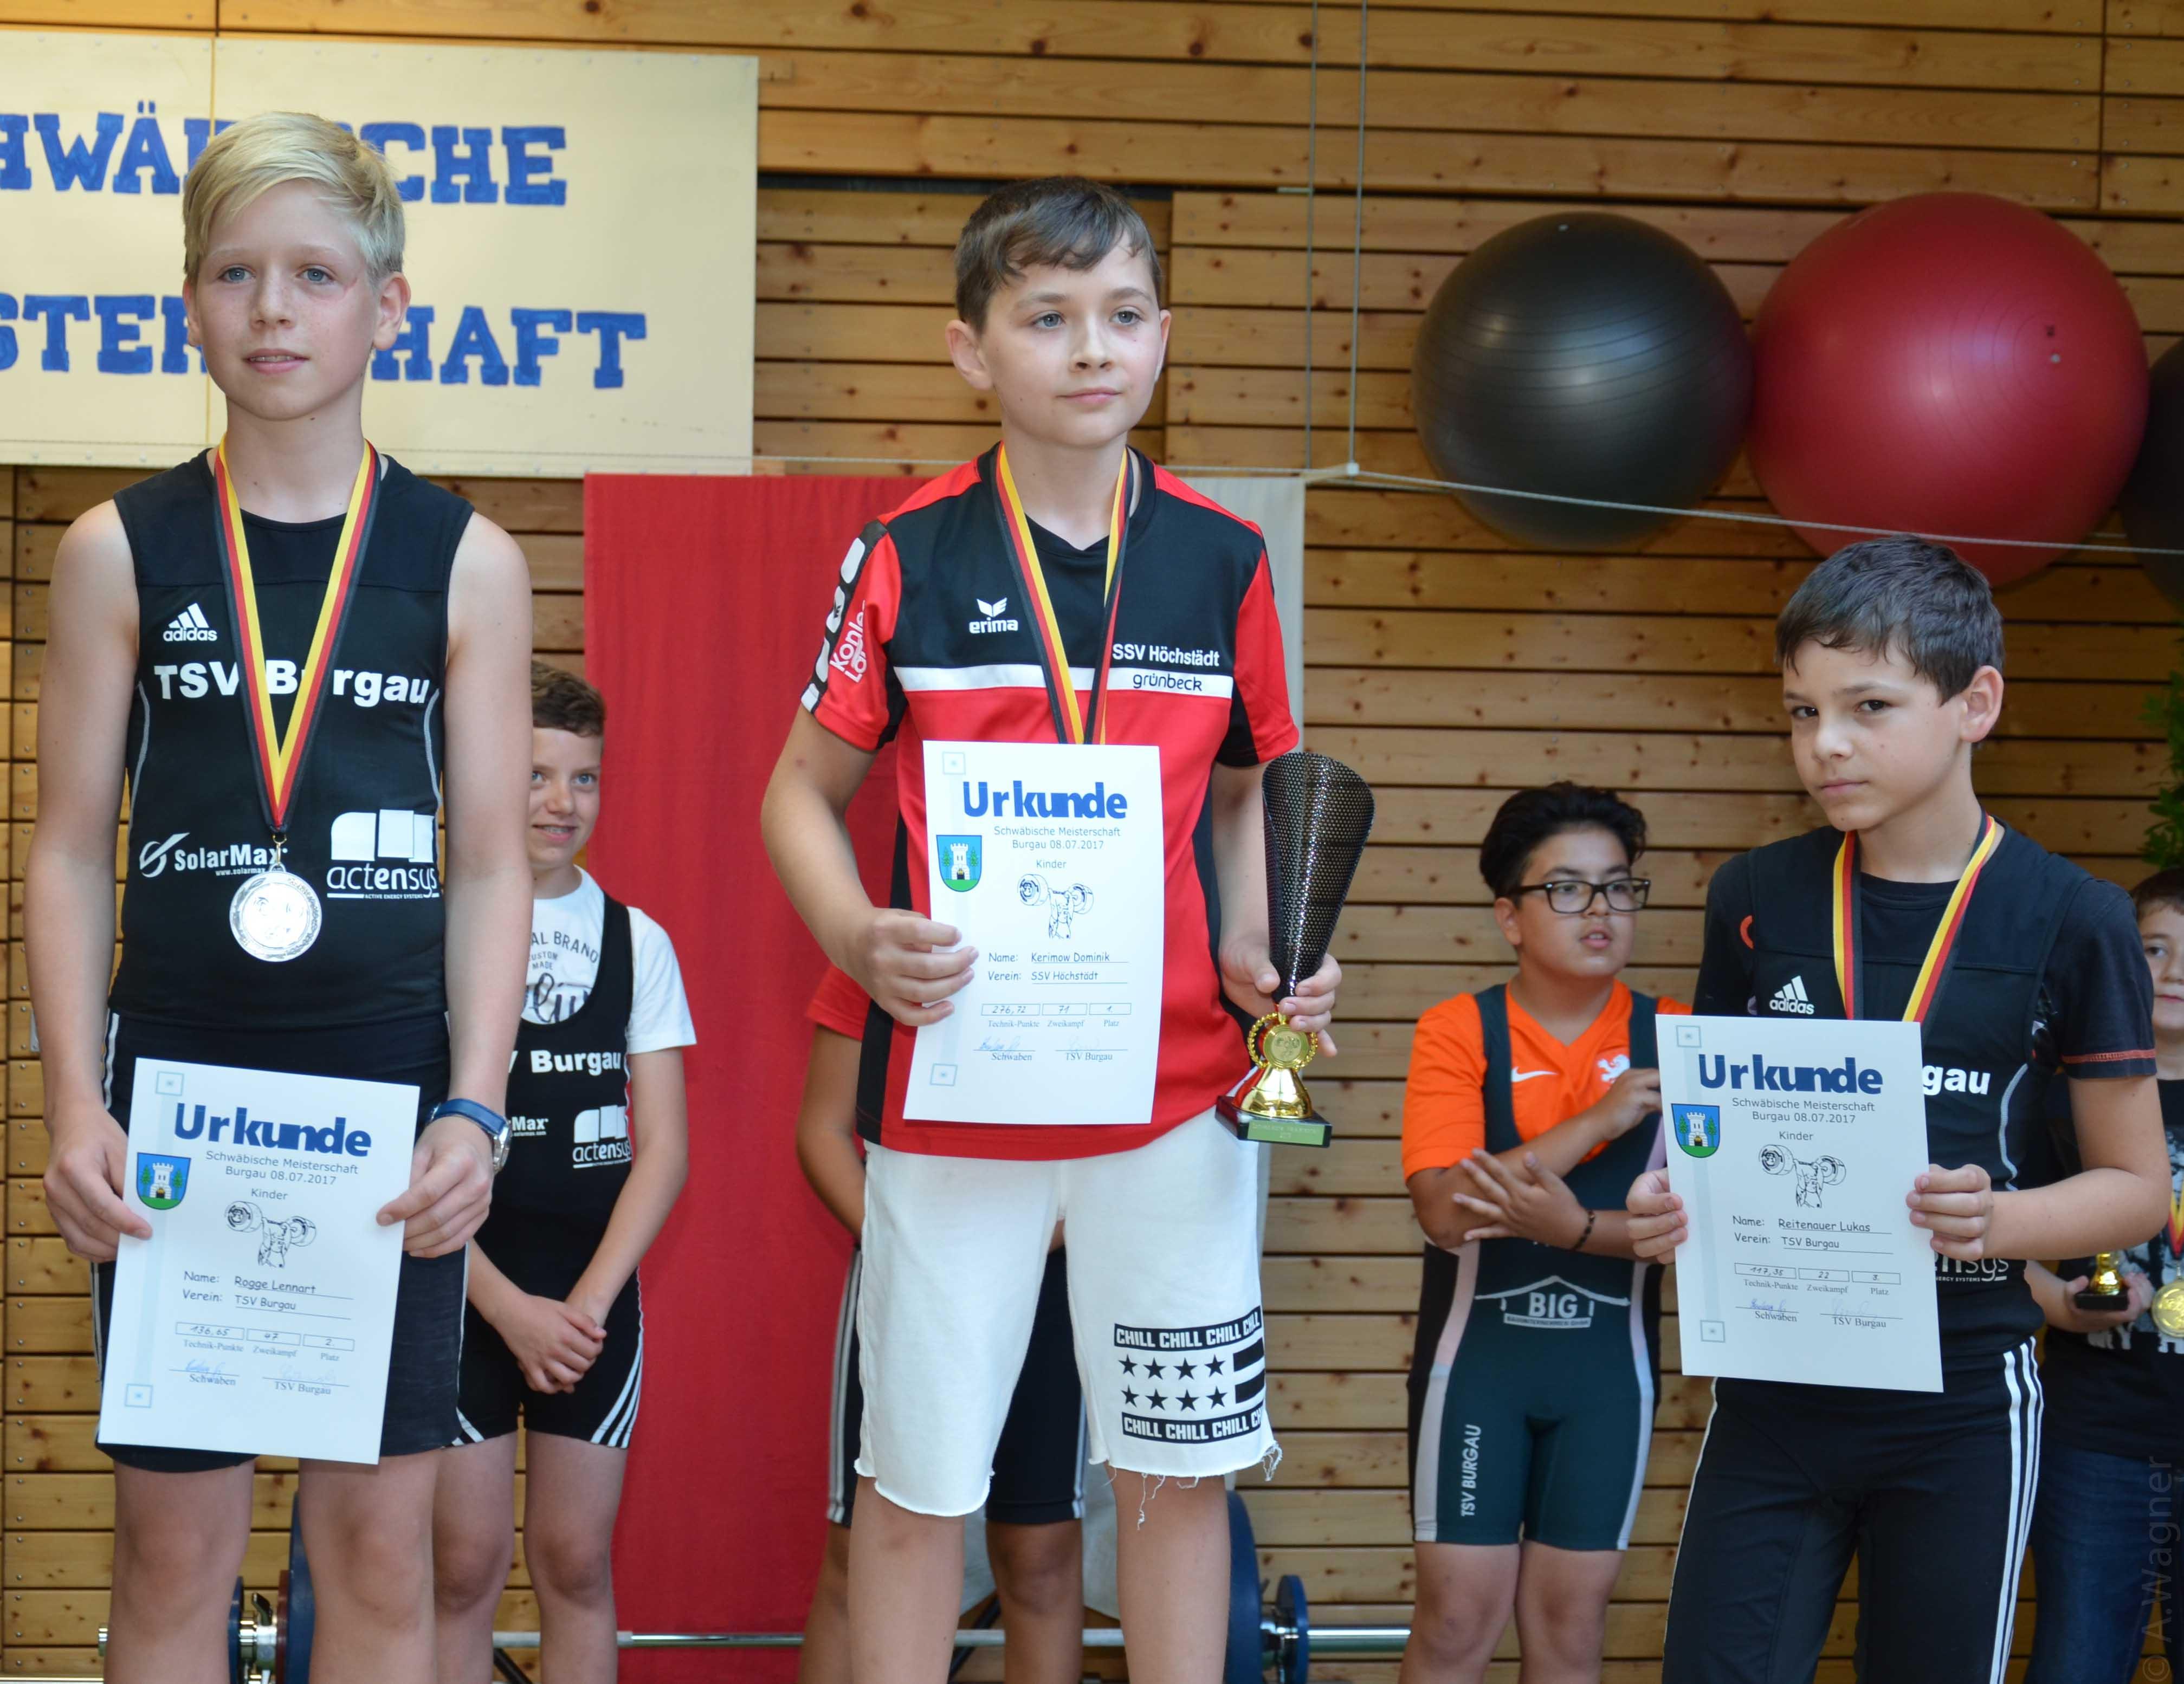 Schwäbische_Meisterschaft_2017__(22_von_55)